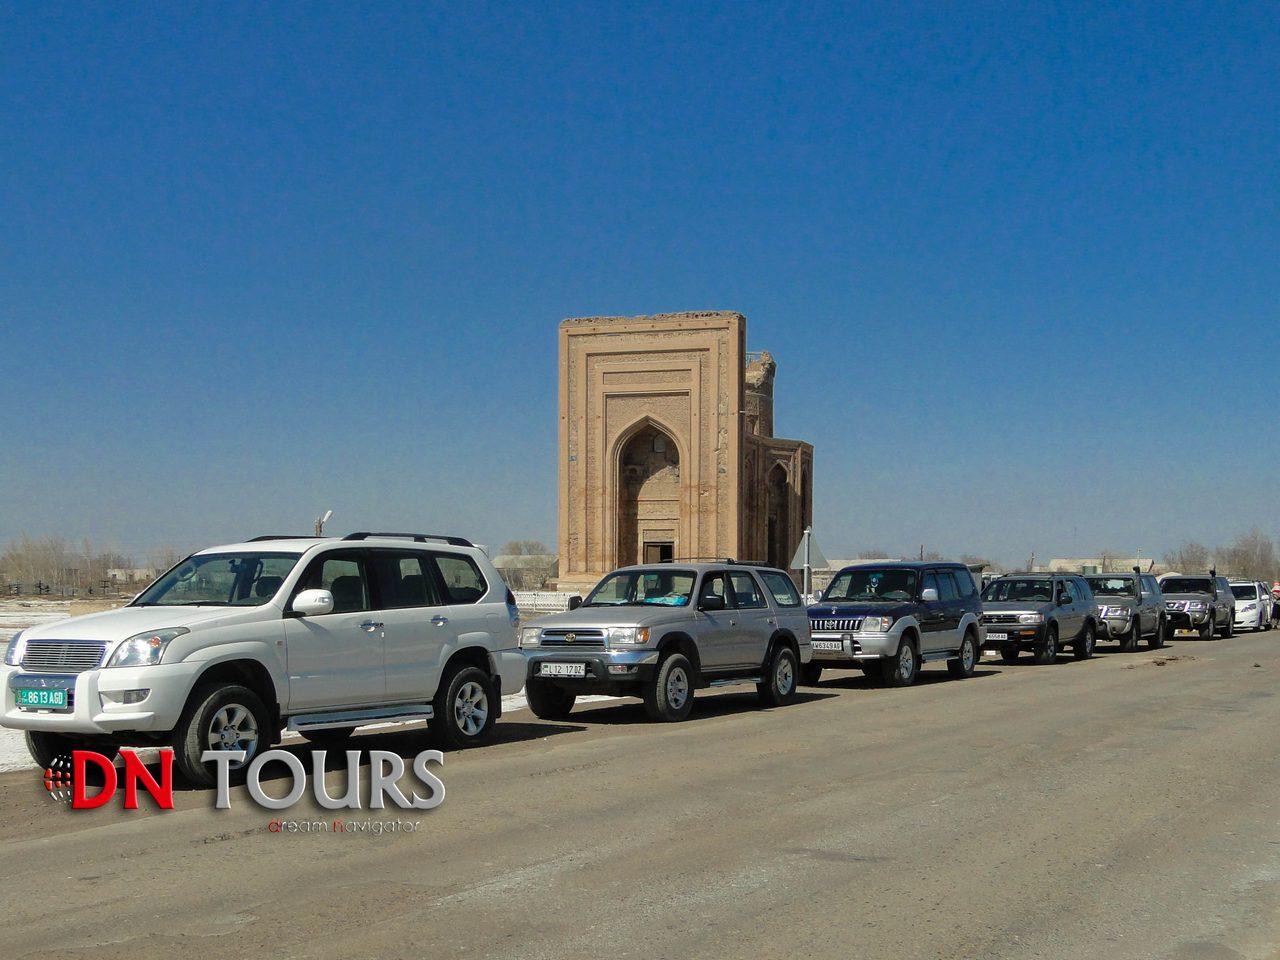 Куня Ургенч, Туркменистан, тур поездка